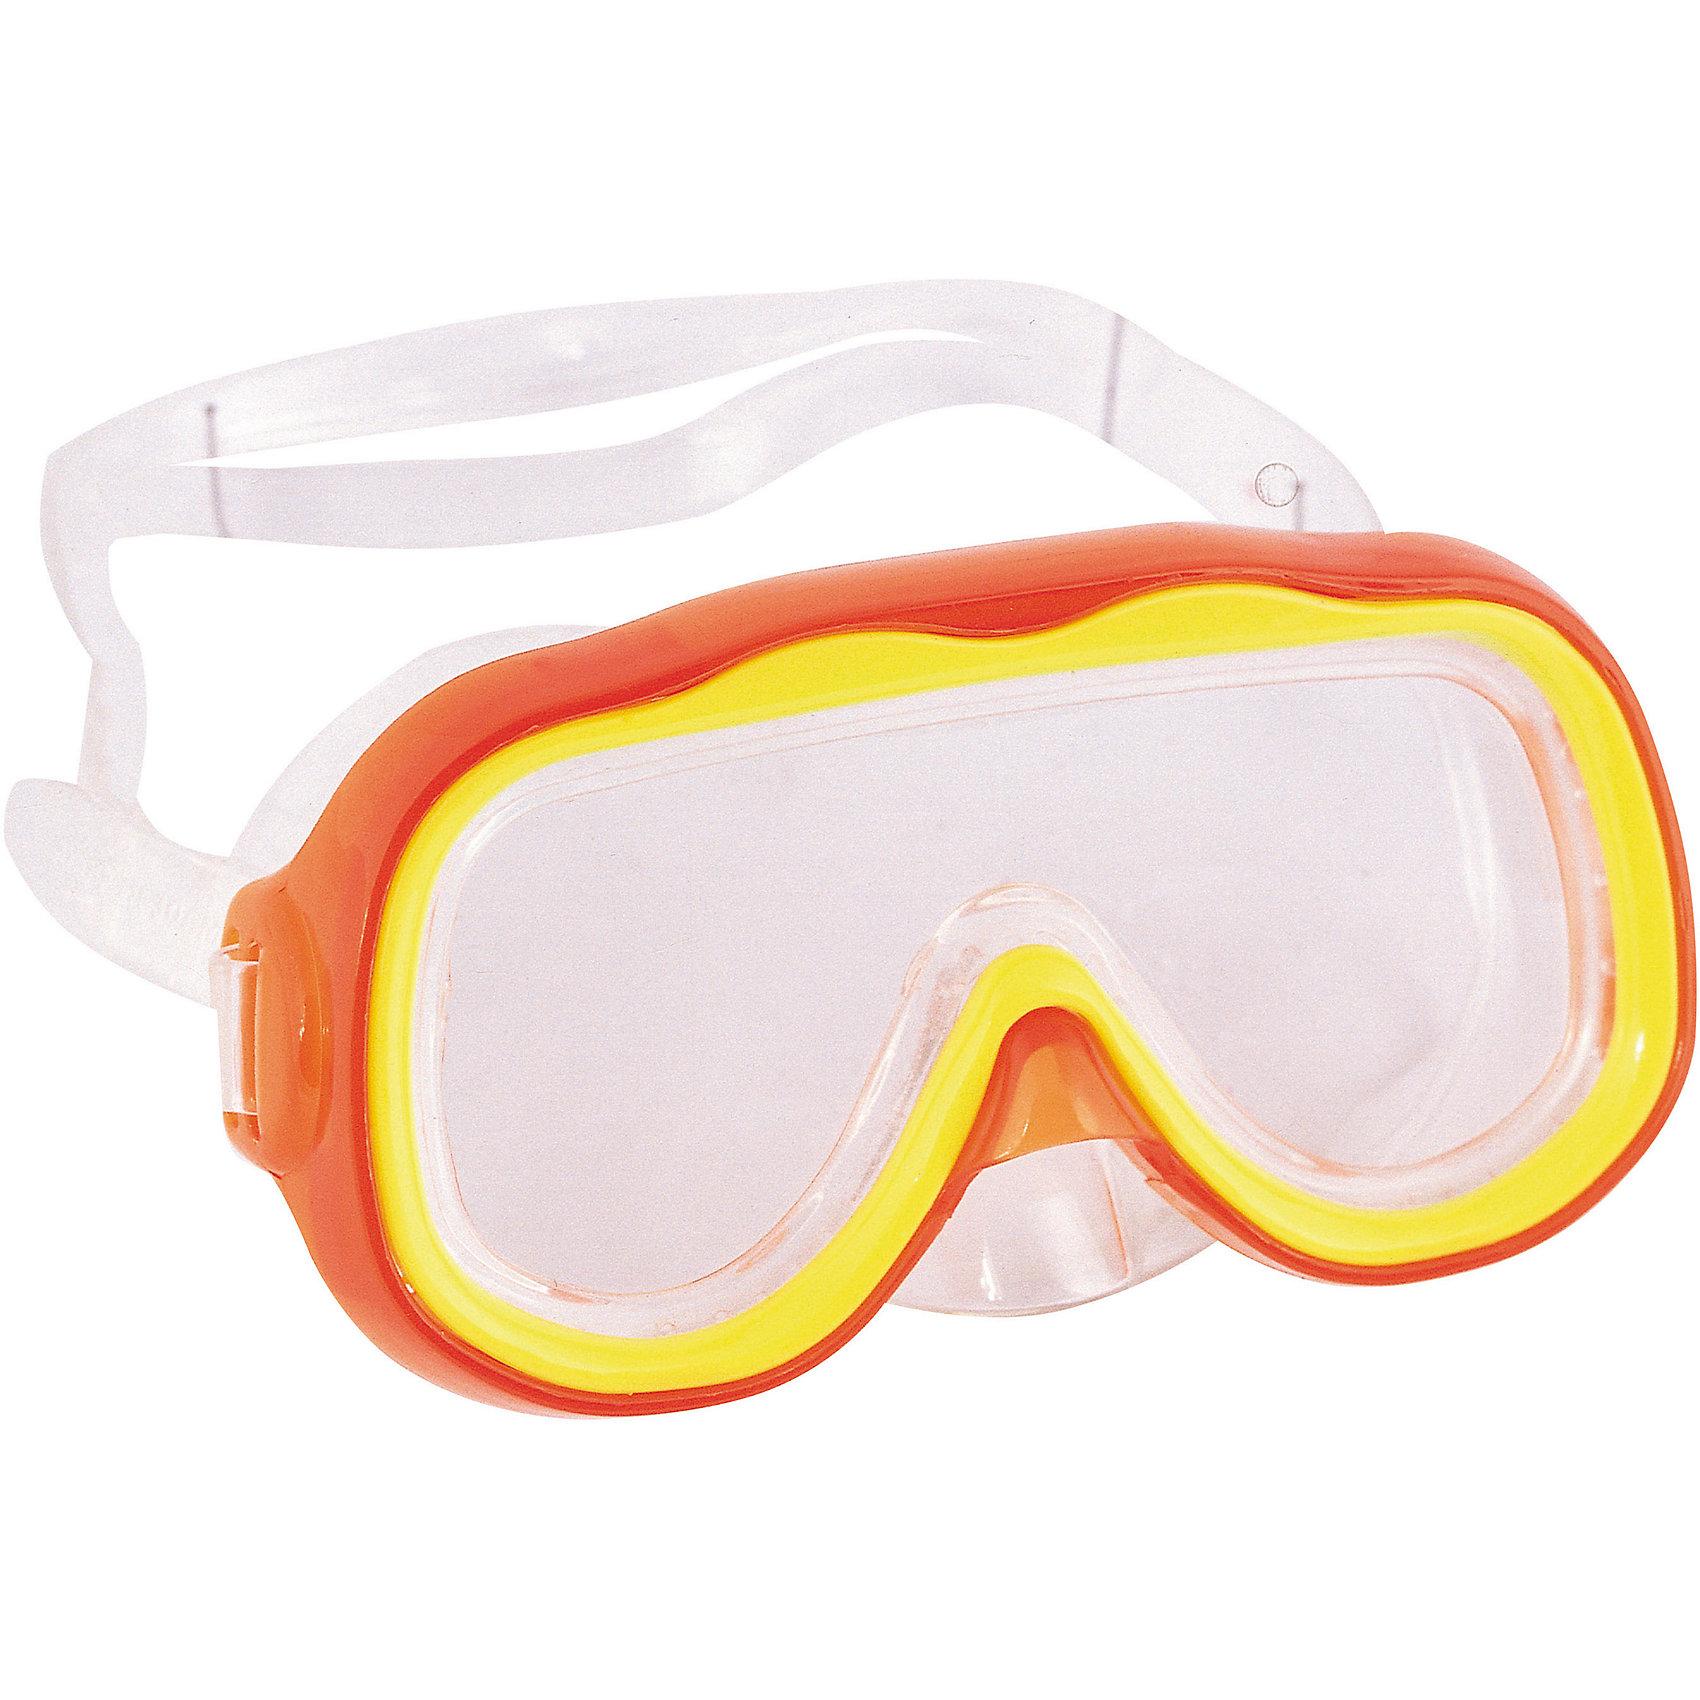 Детская маска для подводного плавания Исследователь, оранжевая, BestwayОчки, маски, ласты, шапочки<br>Детская маска для подводного плавания Исследователь, Bestway (Бествей)<br><br>Характеристики:<br><br>• надежно защищает глаза<br>• материал: ударопрочный поликарбонат<br>• уплотнитель: силикон<br>• цвет: красный<br>• вес: 92грамма<br><br>Детскую маску Исследователь можно использовать для подводного плавания и игр в воде. Маска изготовлена из ударопрочного поликарбоната с уплотнителем из силикона. Она плотно прилегает к голове, надежно защищая глаза от воды. Ремешок регулируется по окружности головы ребенка. С маской для плавания изучать подводный мир еще интереснее!<br><br>Детская маска для подводного плавания Исследователь, Bestway (Бествей) вы можете купить в нашем интернет-магазине.<br><br>Ширина мм: 430<br>Глубина мм: 365<br>Высота мм: 220<br>Вес г: 92<br>Возраст от месяцев: 36<br>Возраст до месяцев: 72<br>Пол: Унисекс<br>Возраст: Детский<br>SKU: 5486982